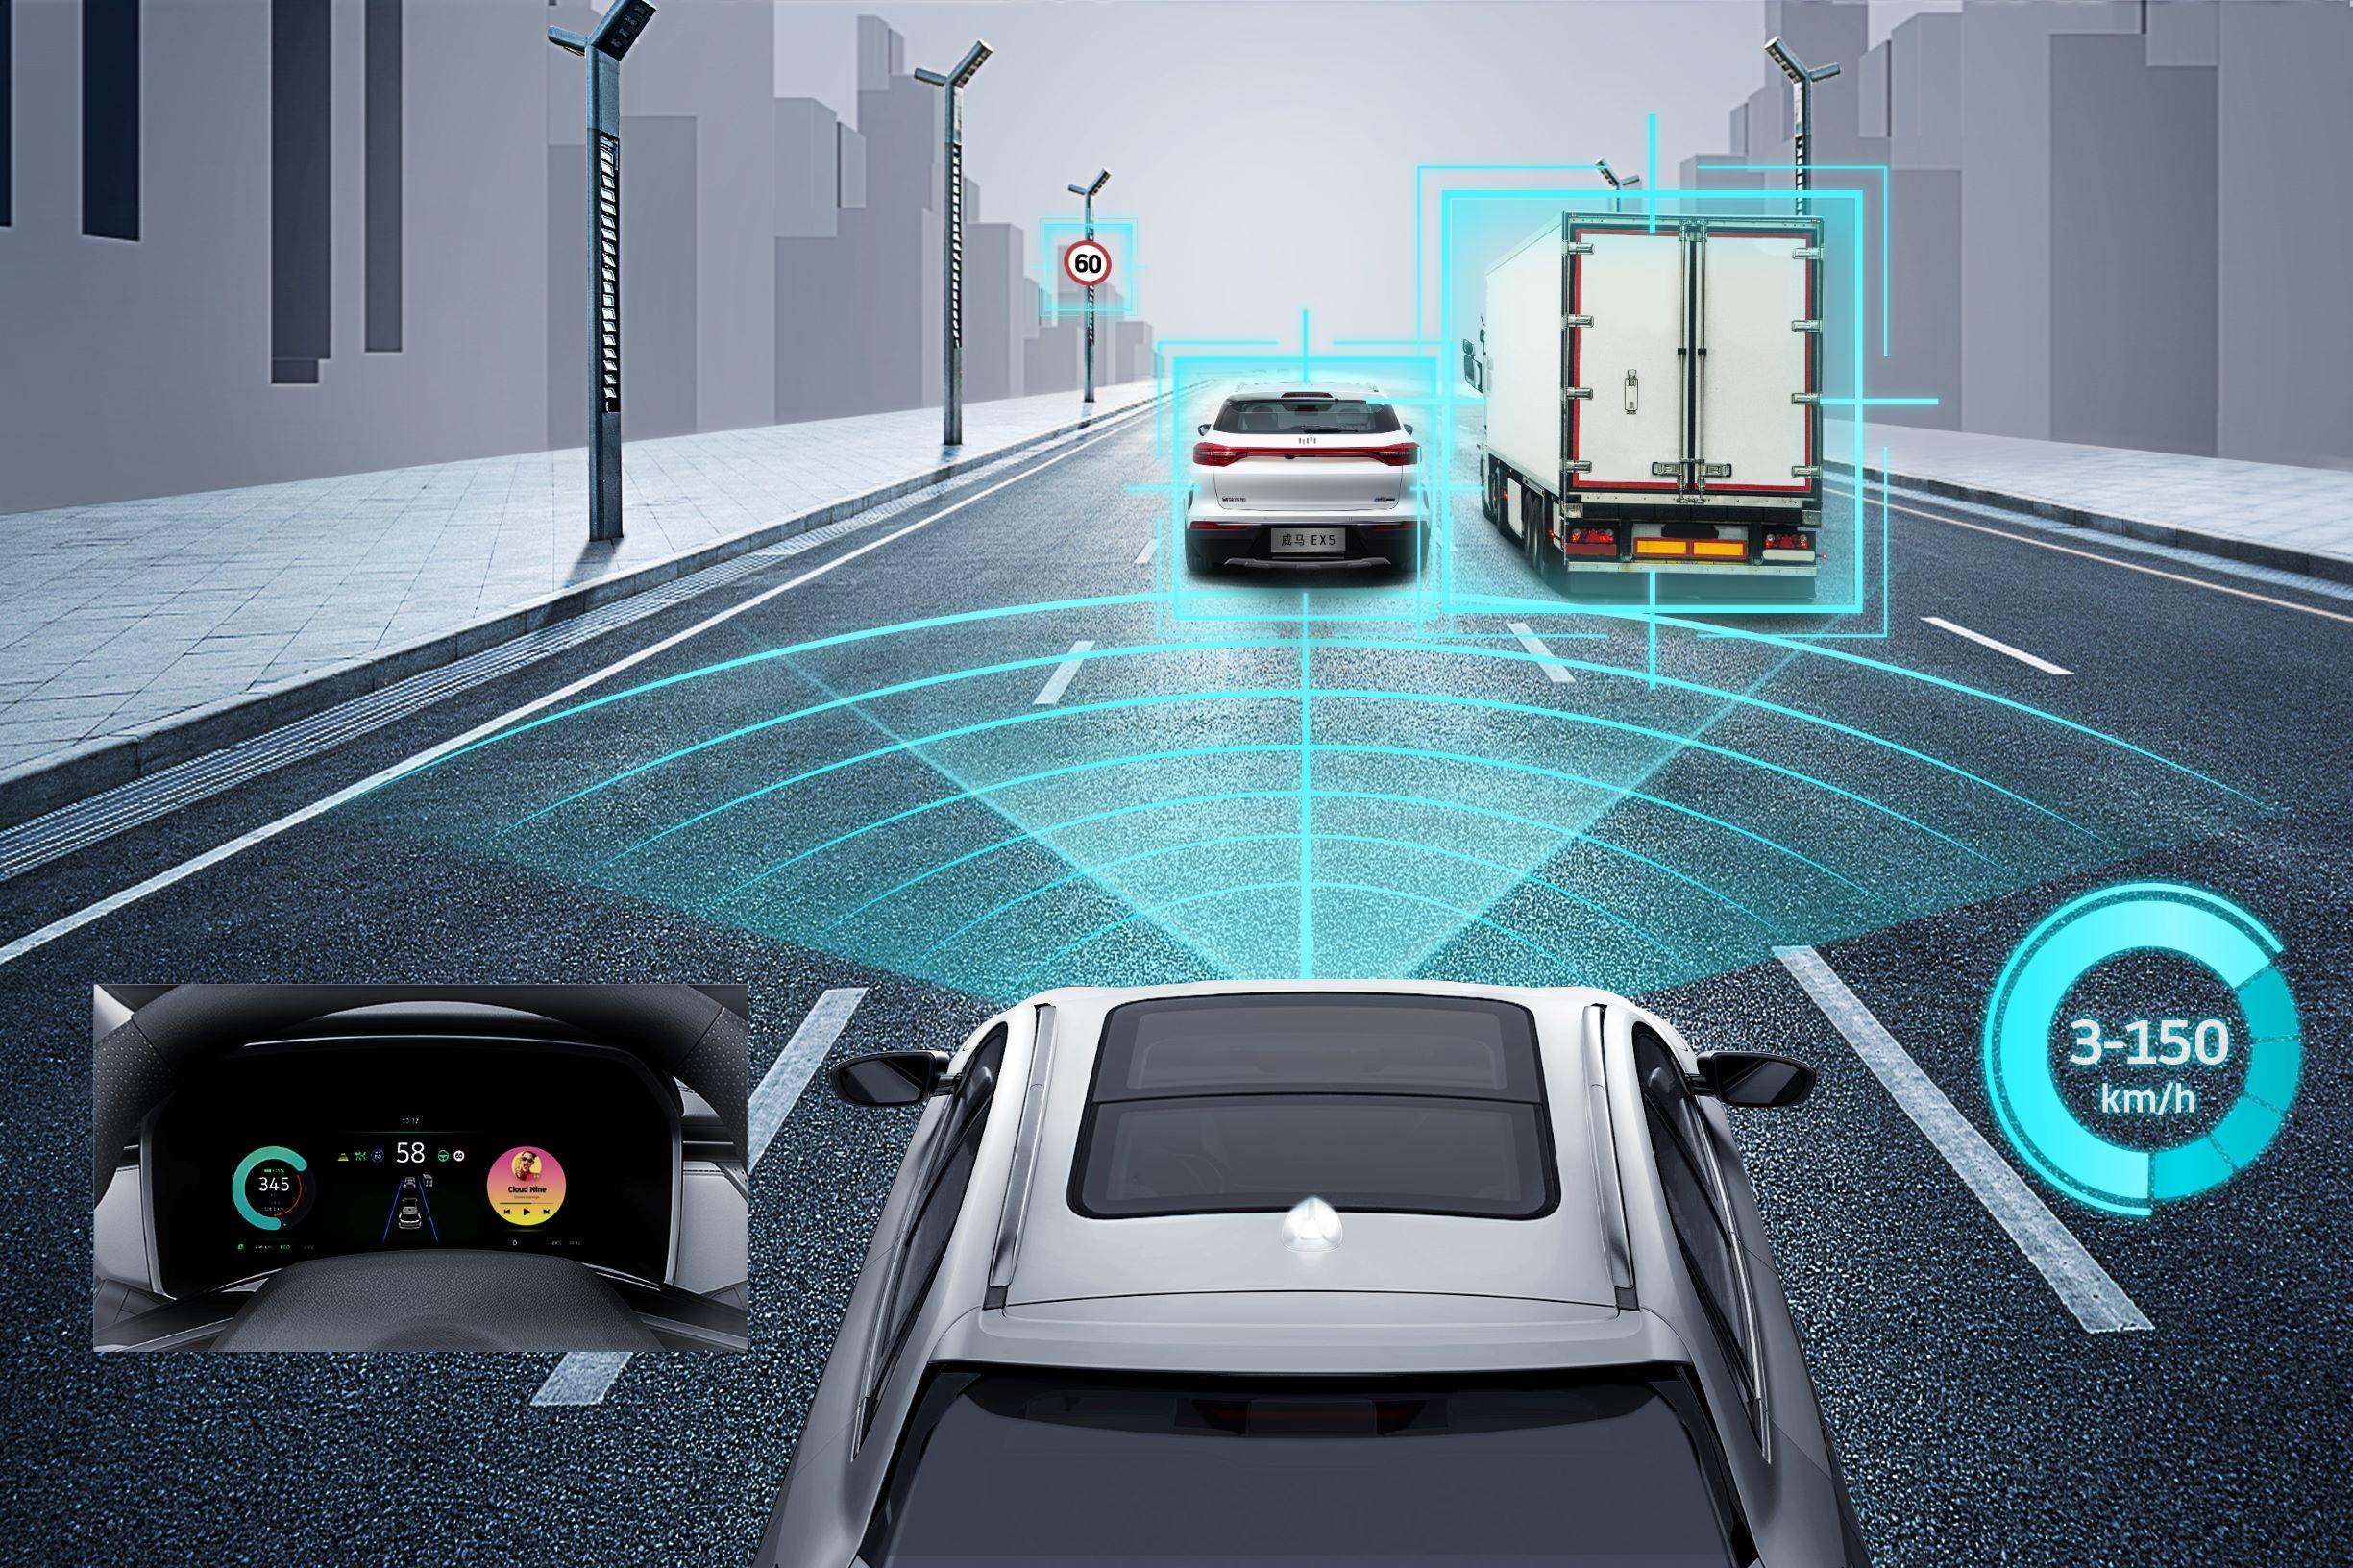 威马智行辅助技术为用户提供轻松安全的驾驶条件,构建用户出行新生态.jpg